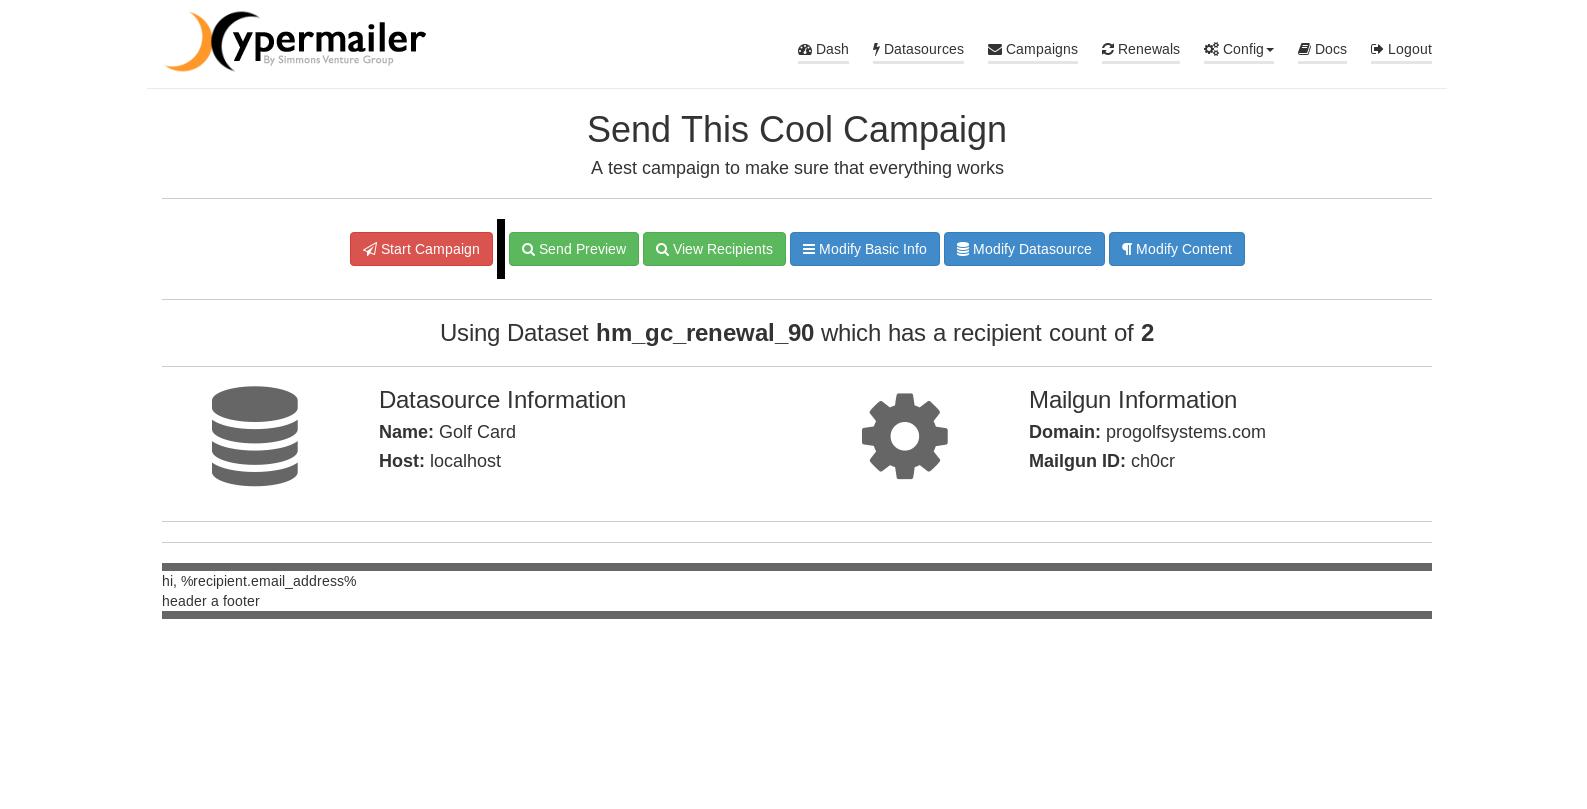 Campaign Pre-Send Screen